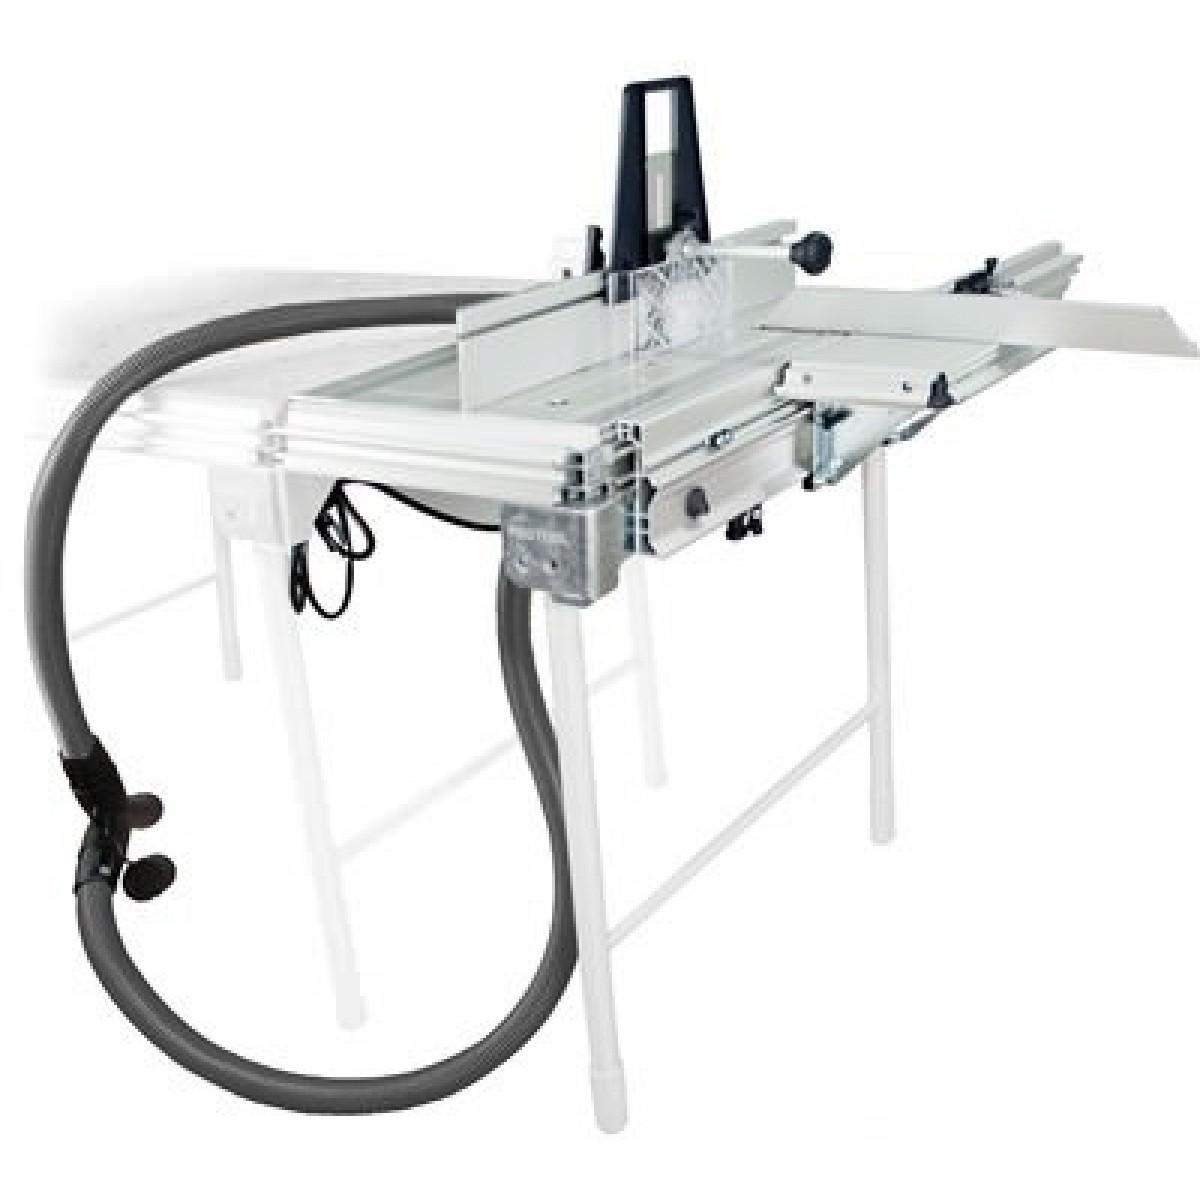 Festool 57000024 CMS-VL MFT/3 Router Table Set